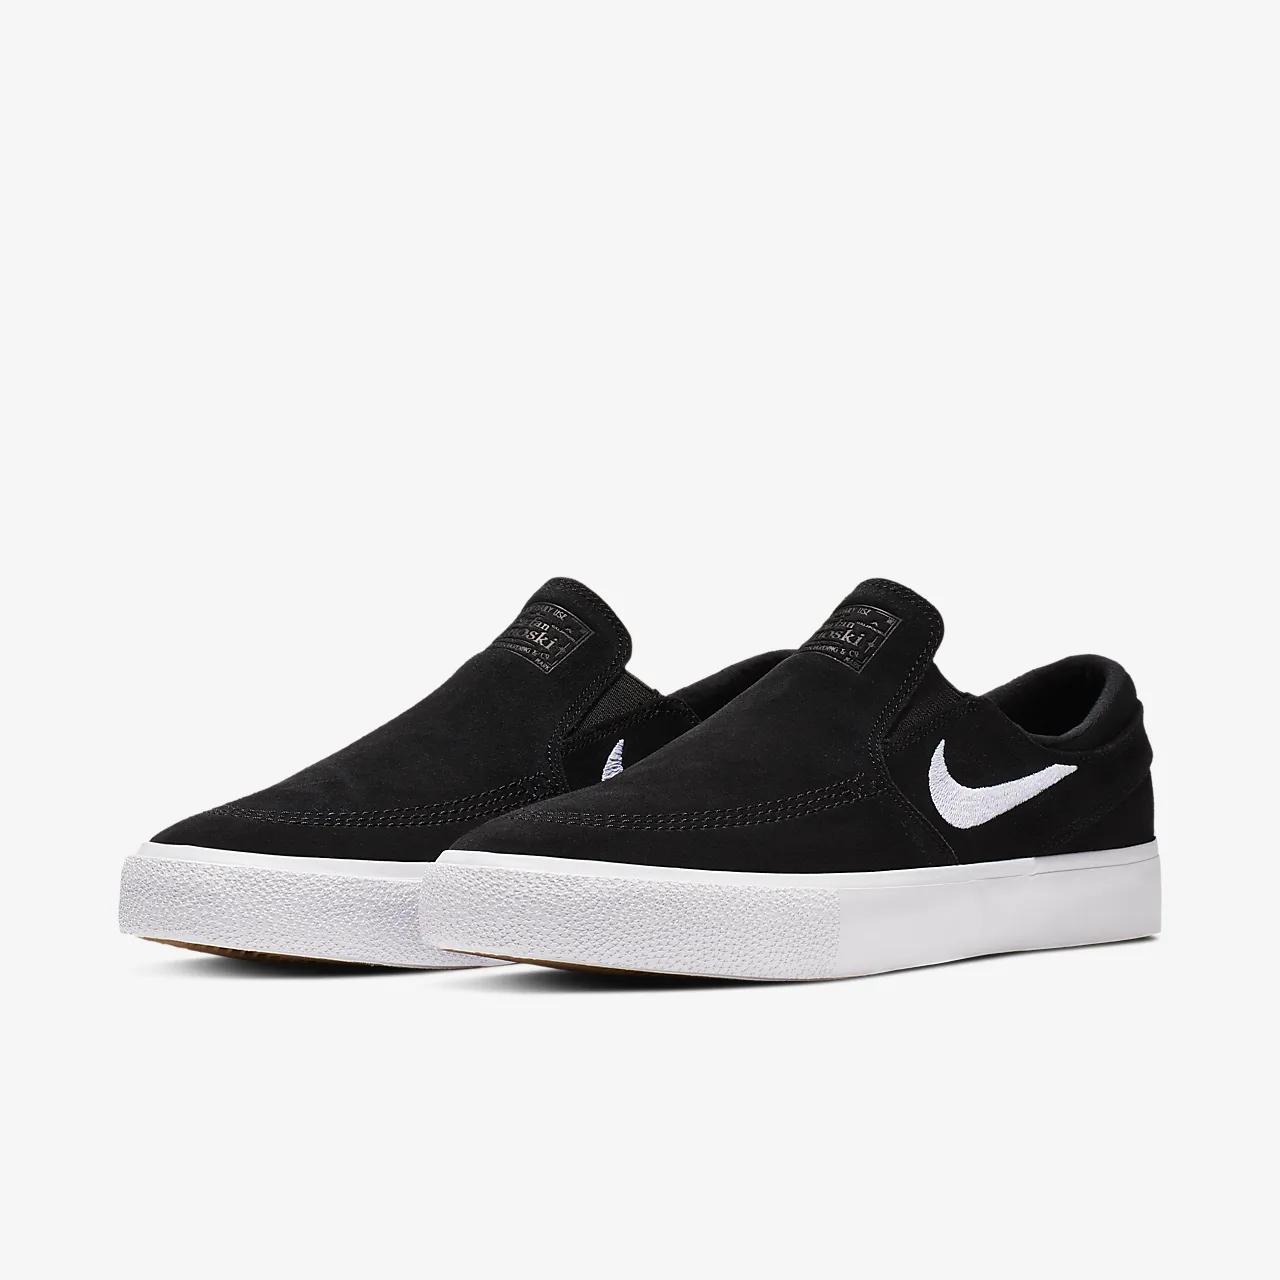 유럽직배송 나이키 NIKE Nike SB Zoom Stefan Janoski Slip RM Skate Shoe AT8899-002